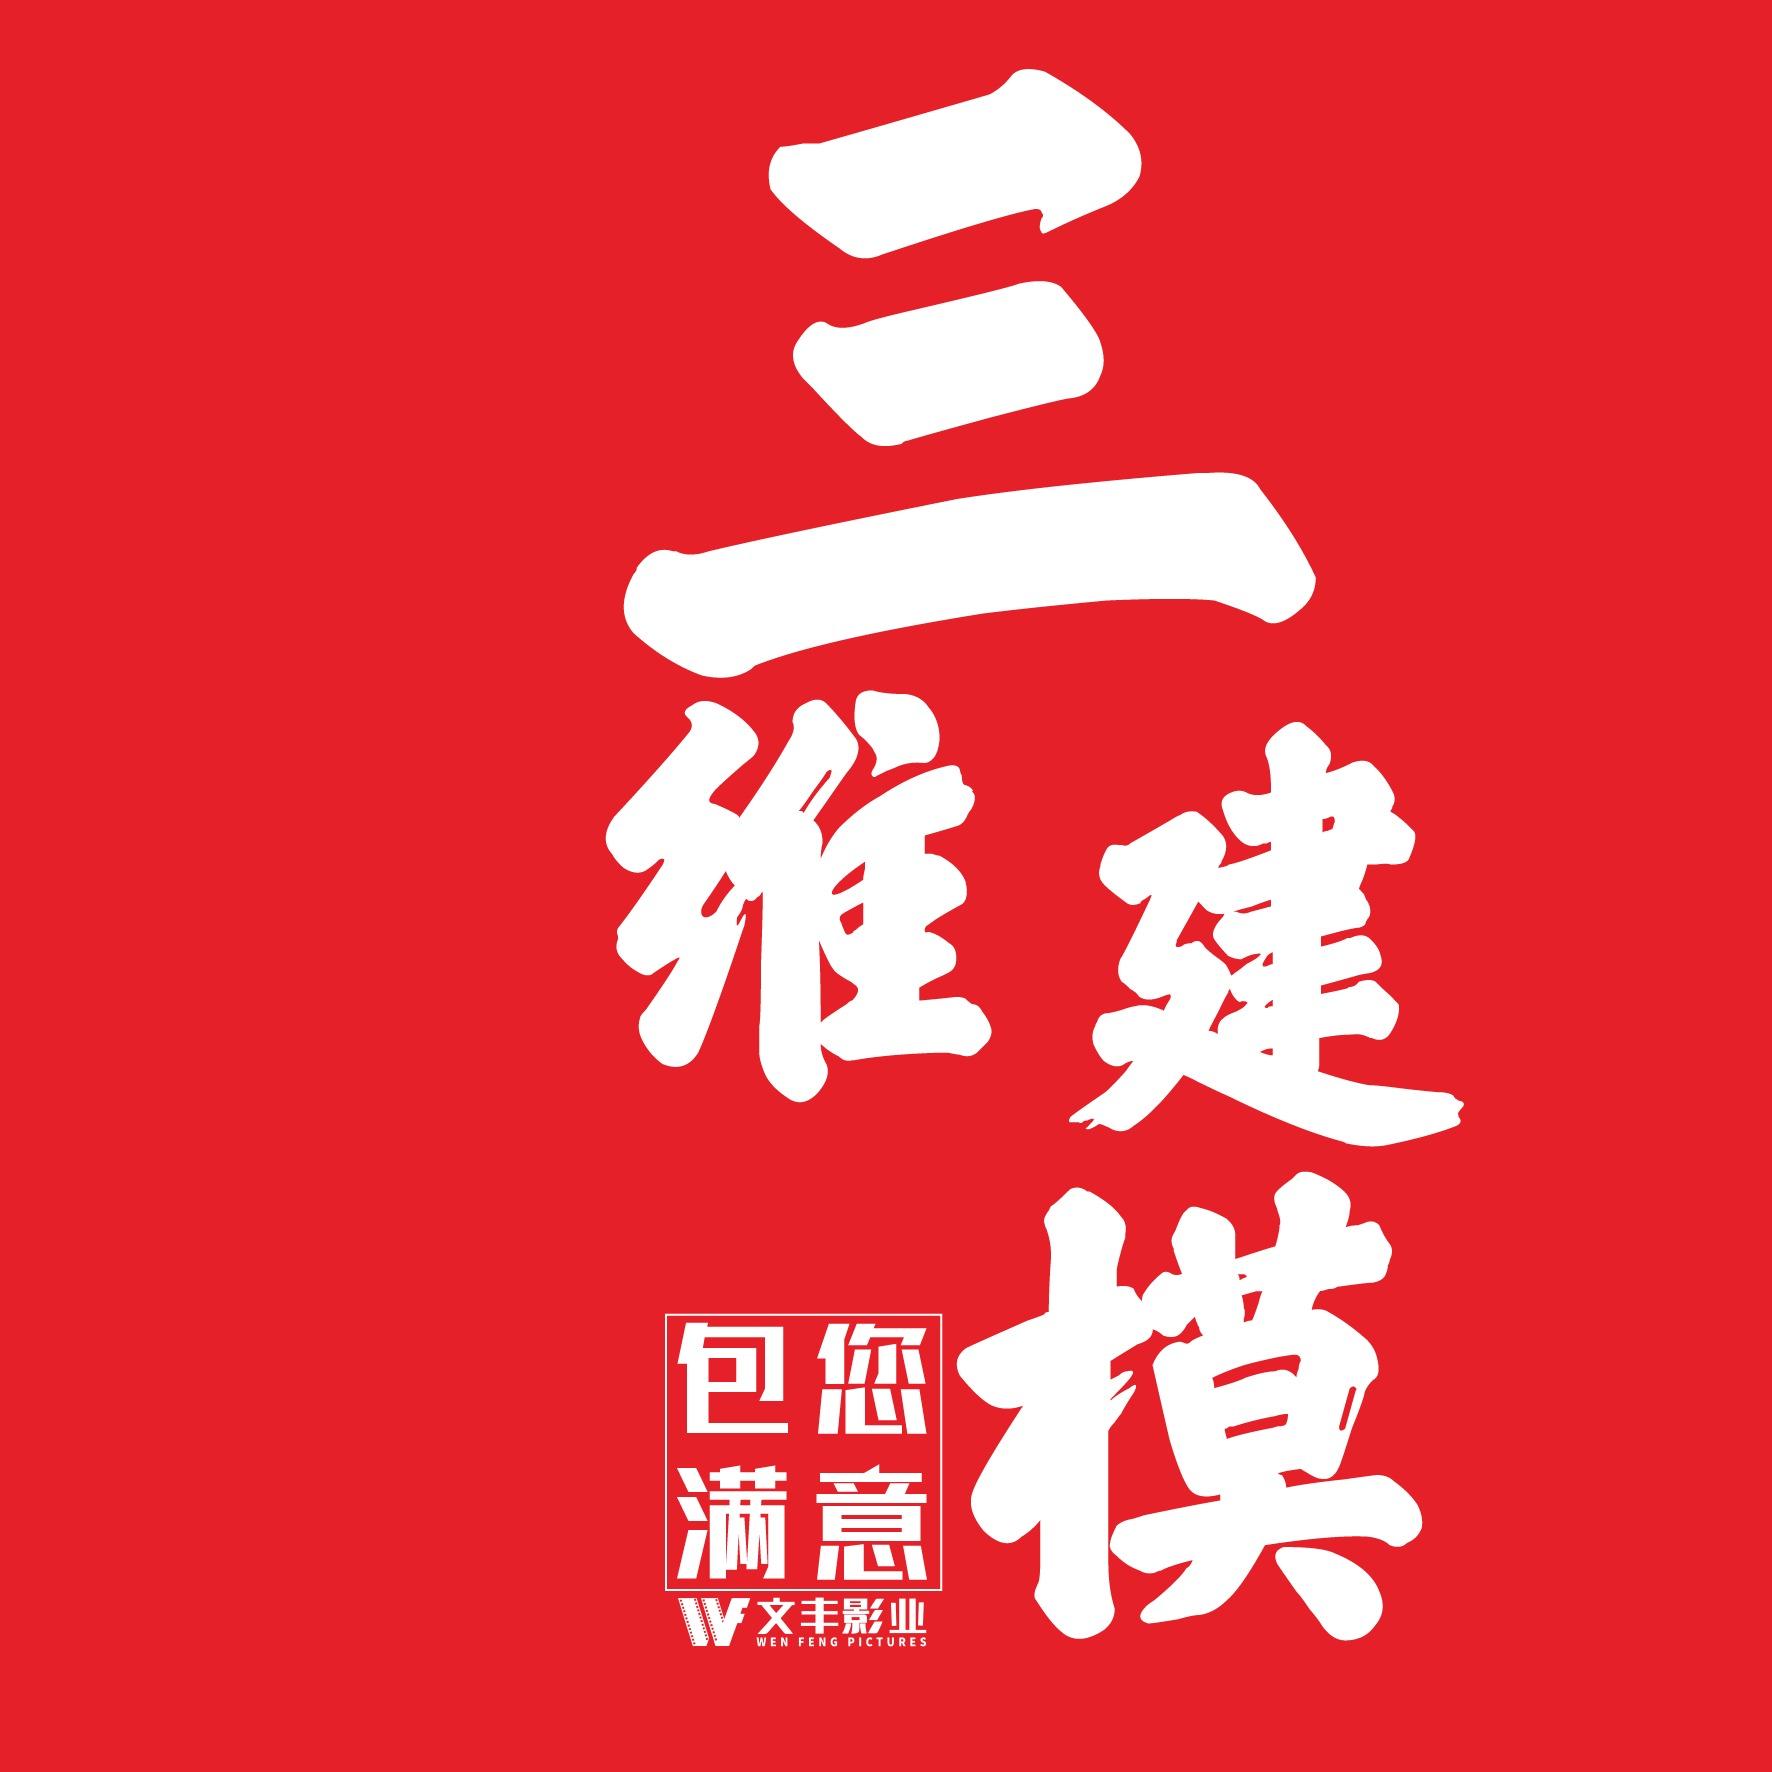 【地产宣传片】策划//建筑三维动画建模//地产广告宣传片制作